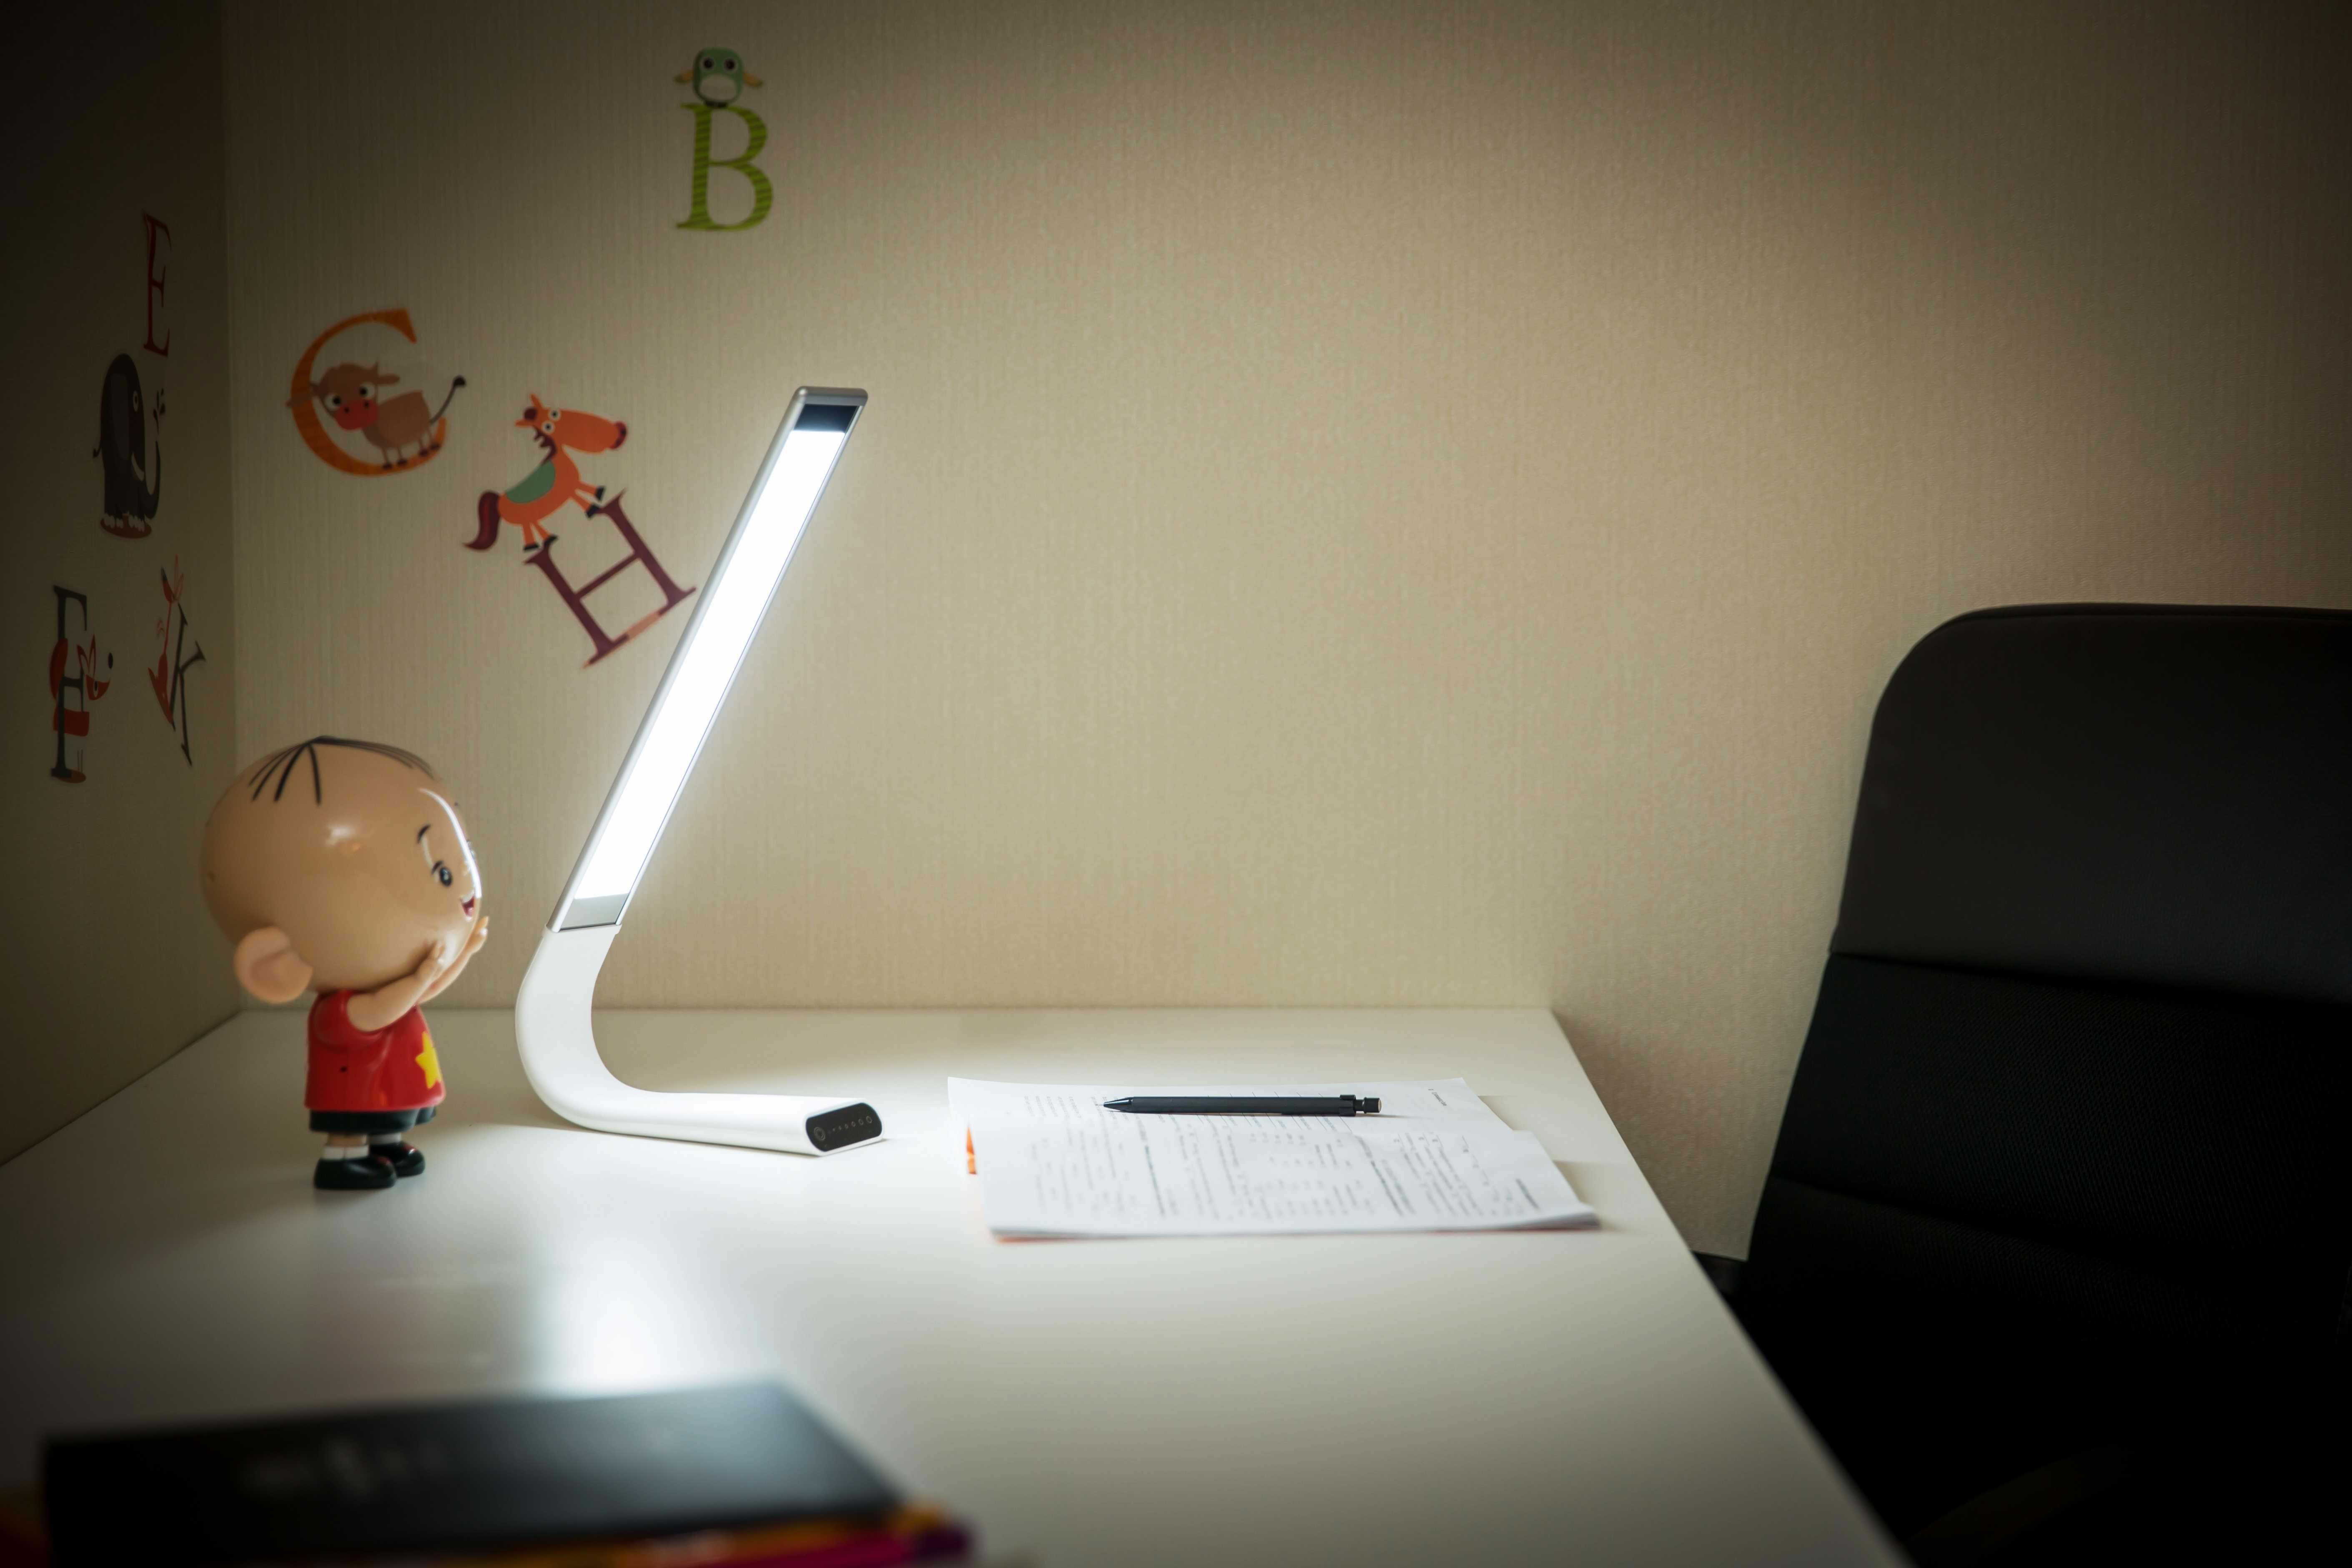 Lampe led serflex de bureau en silicone ° rechargeable noriak